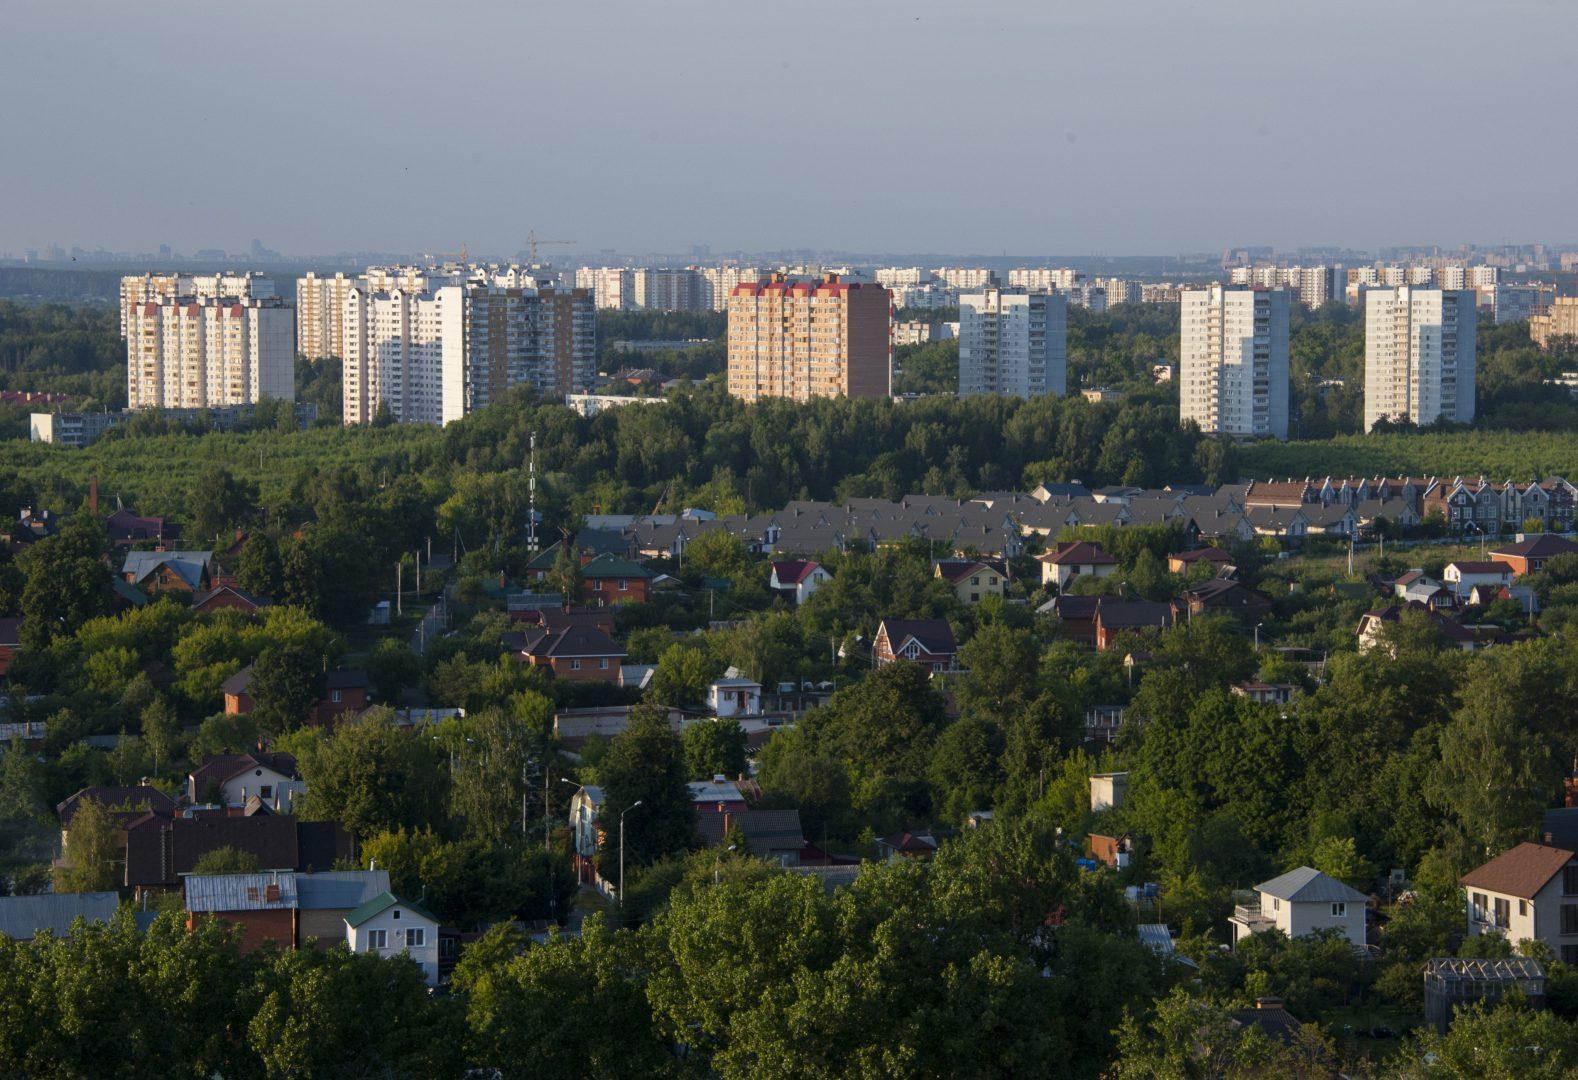 Просторы и удобства ТиНАО привлекают все больше новых жителей. Фото: Александр Кожохин